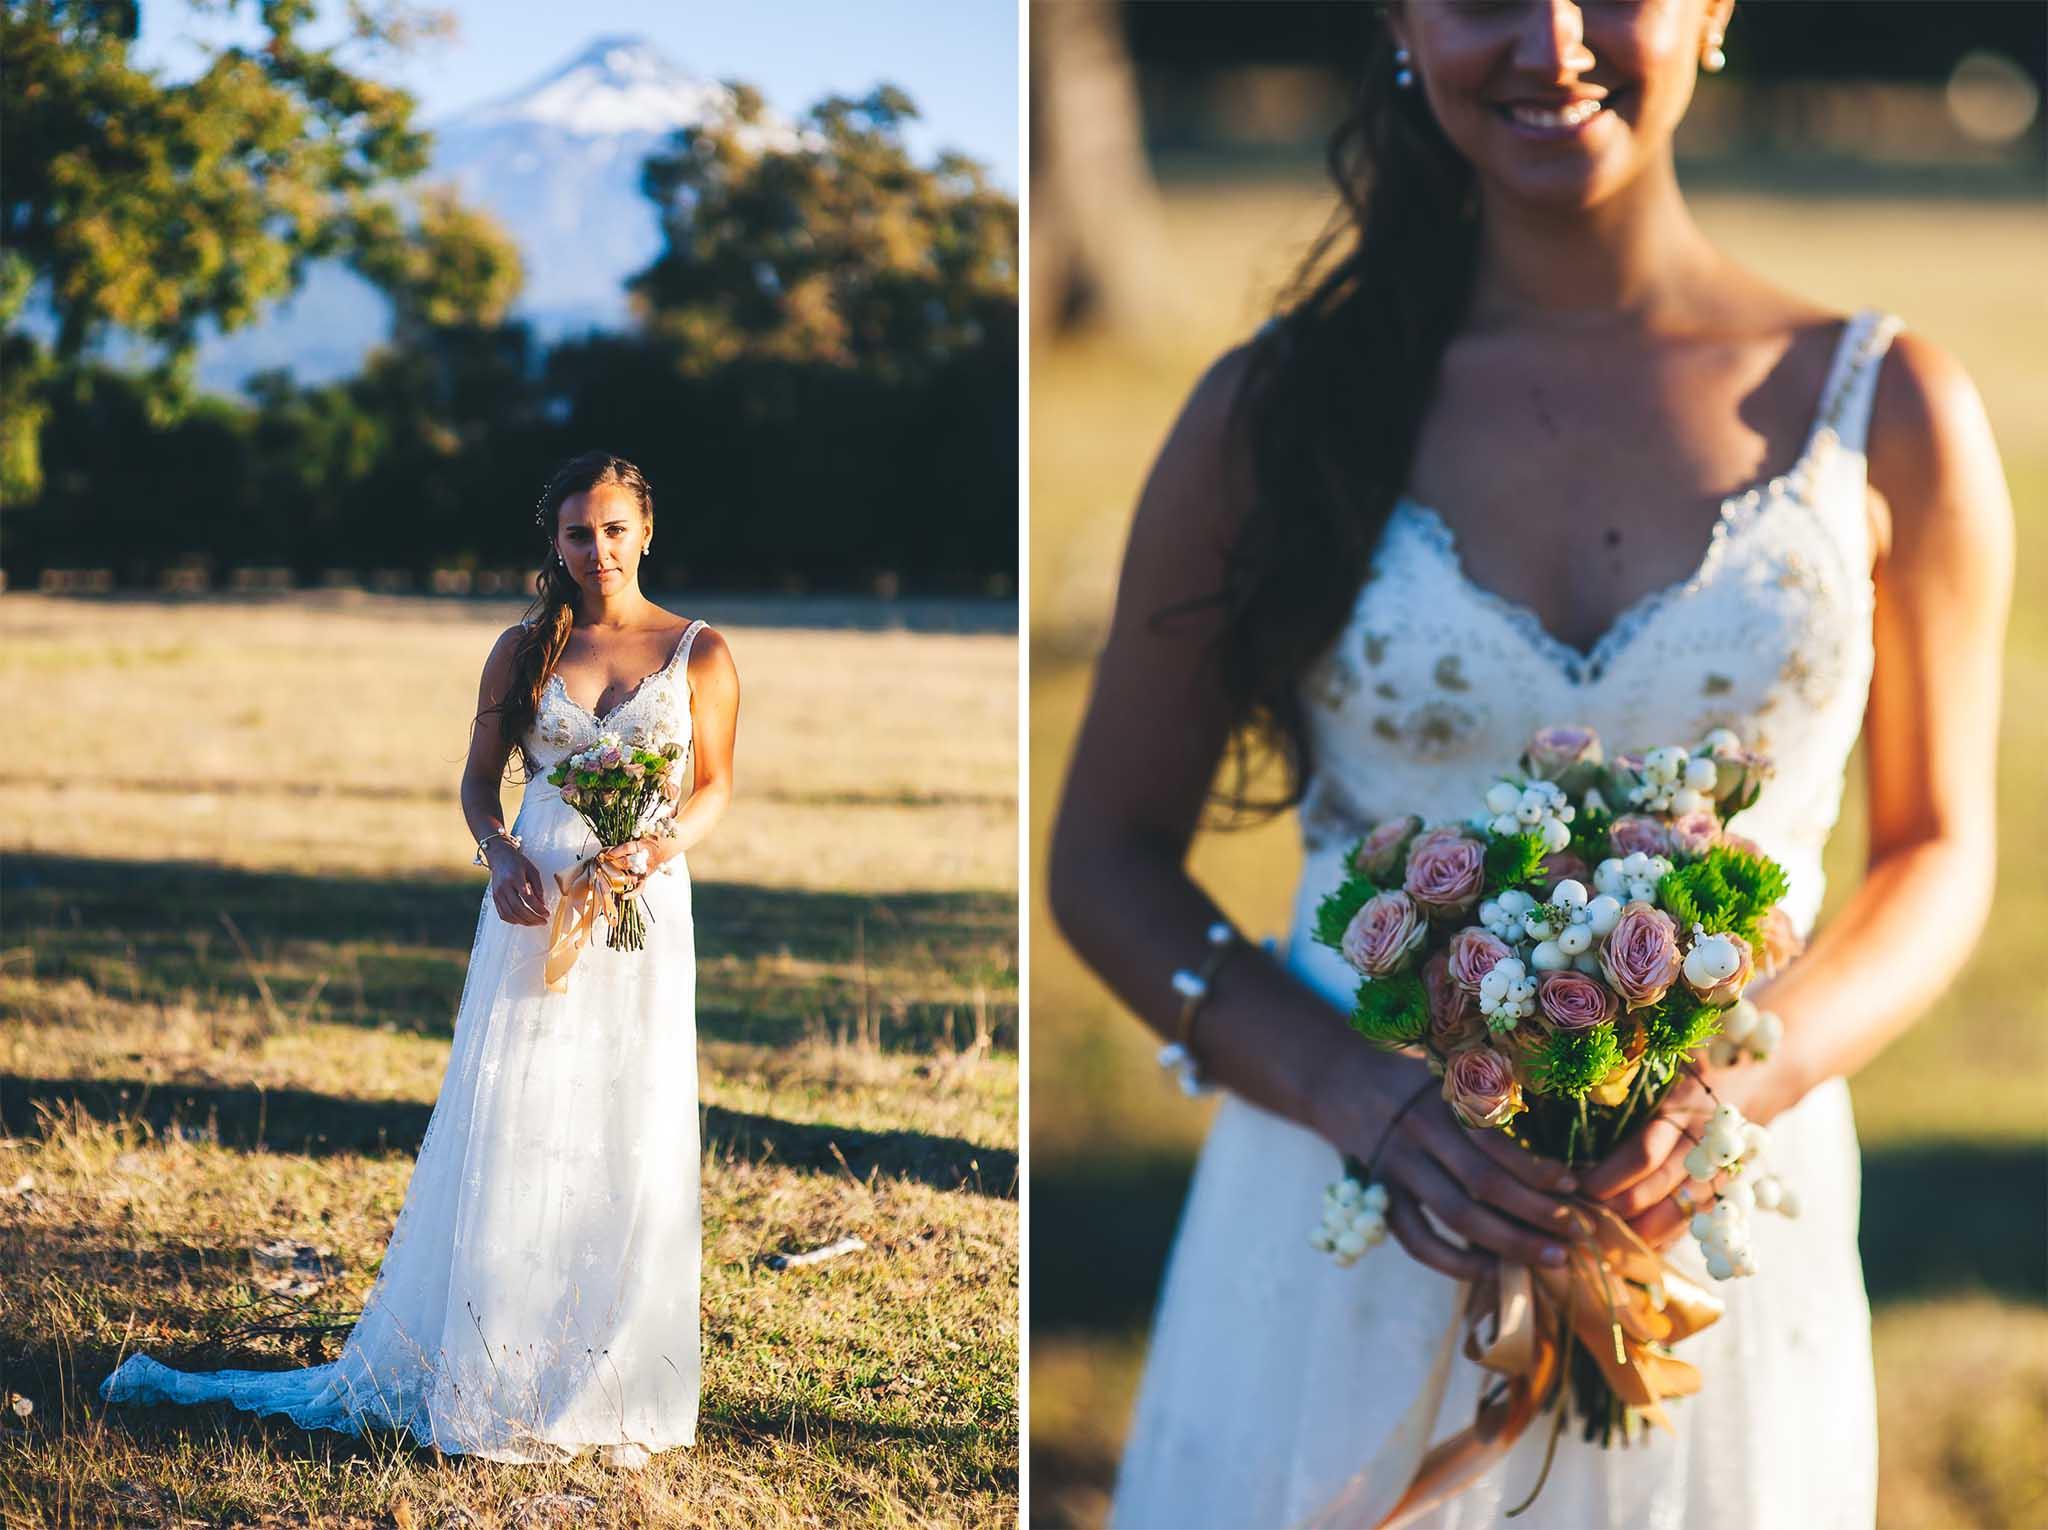 Matrimonio Catolico Al Aire Libre Chile : Matrimonios al aire libre